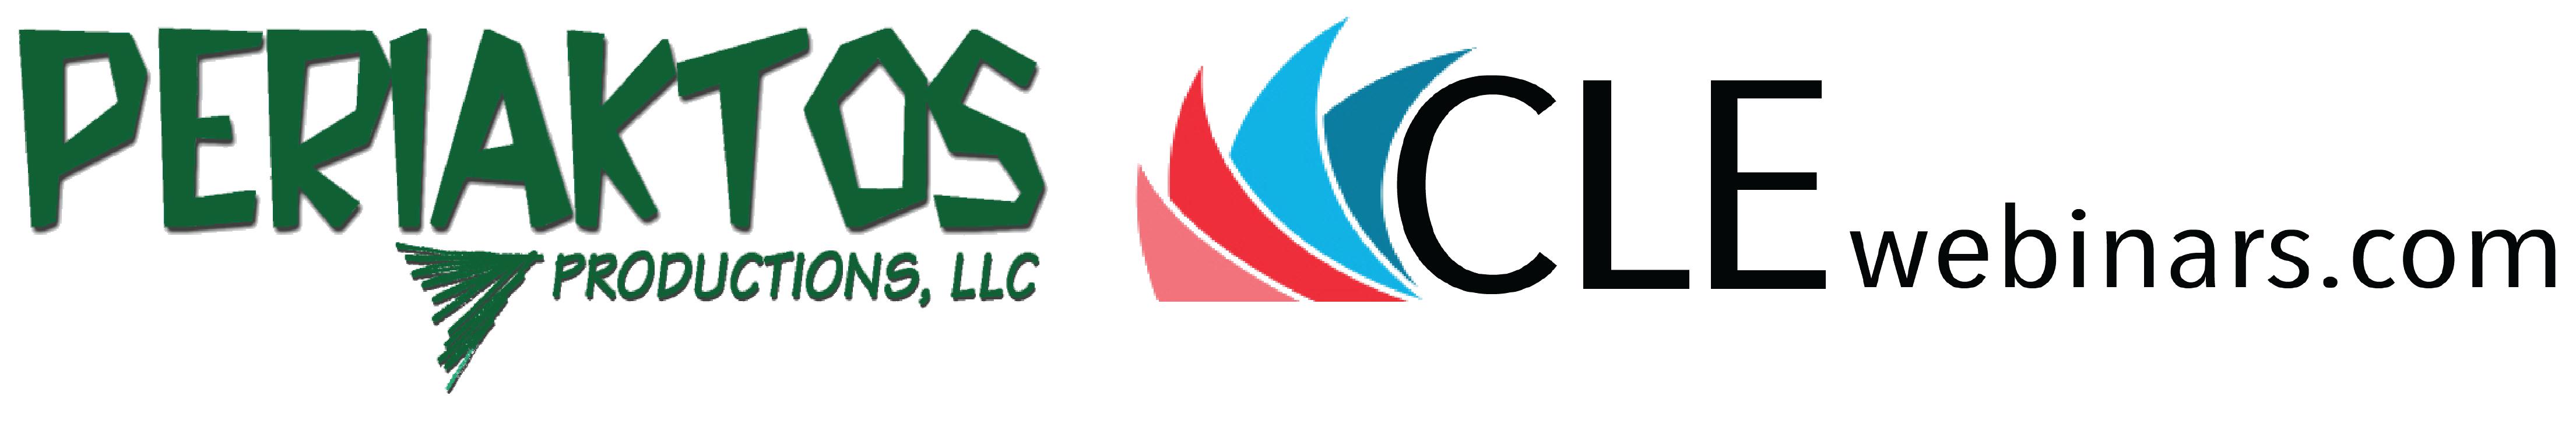 Periaktos CLE Webinars logo